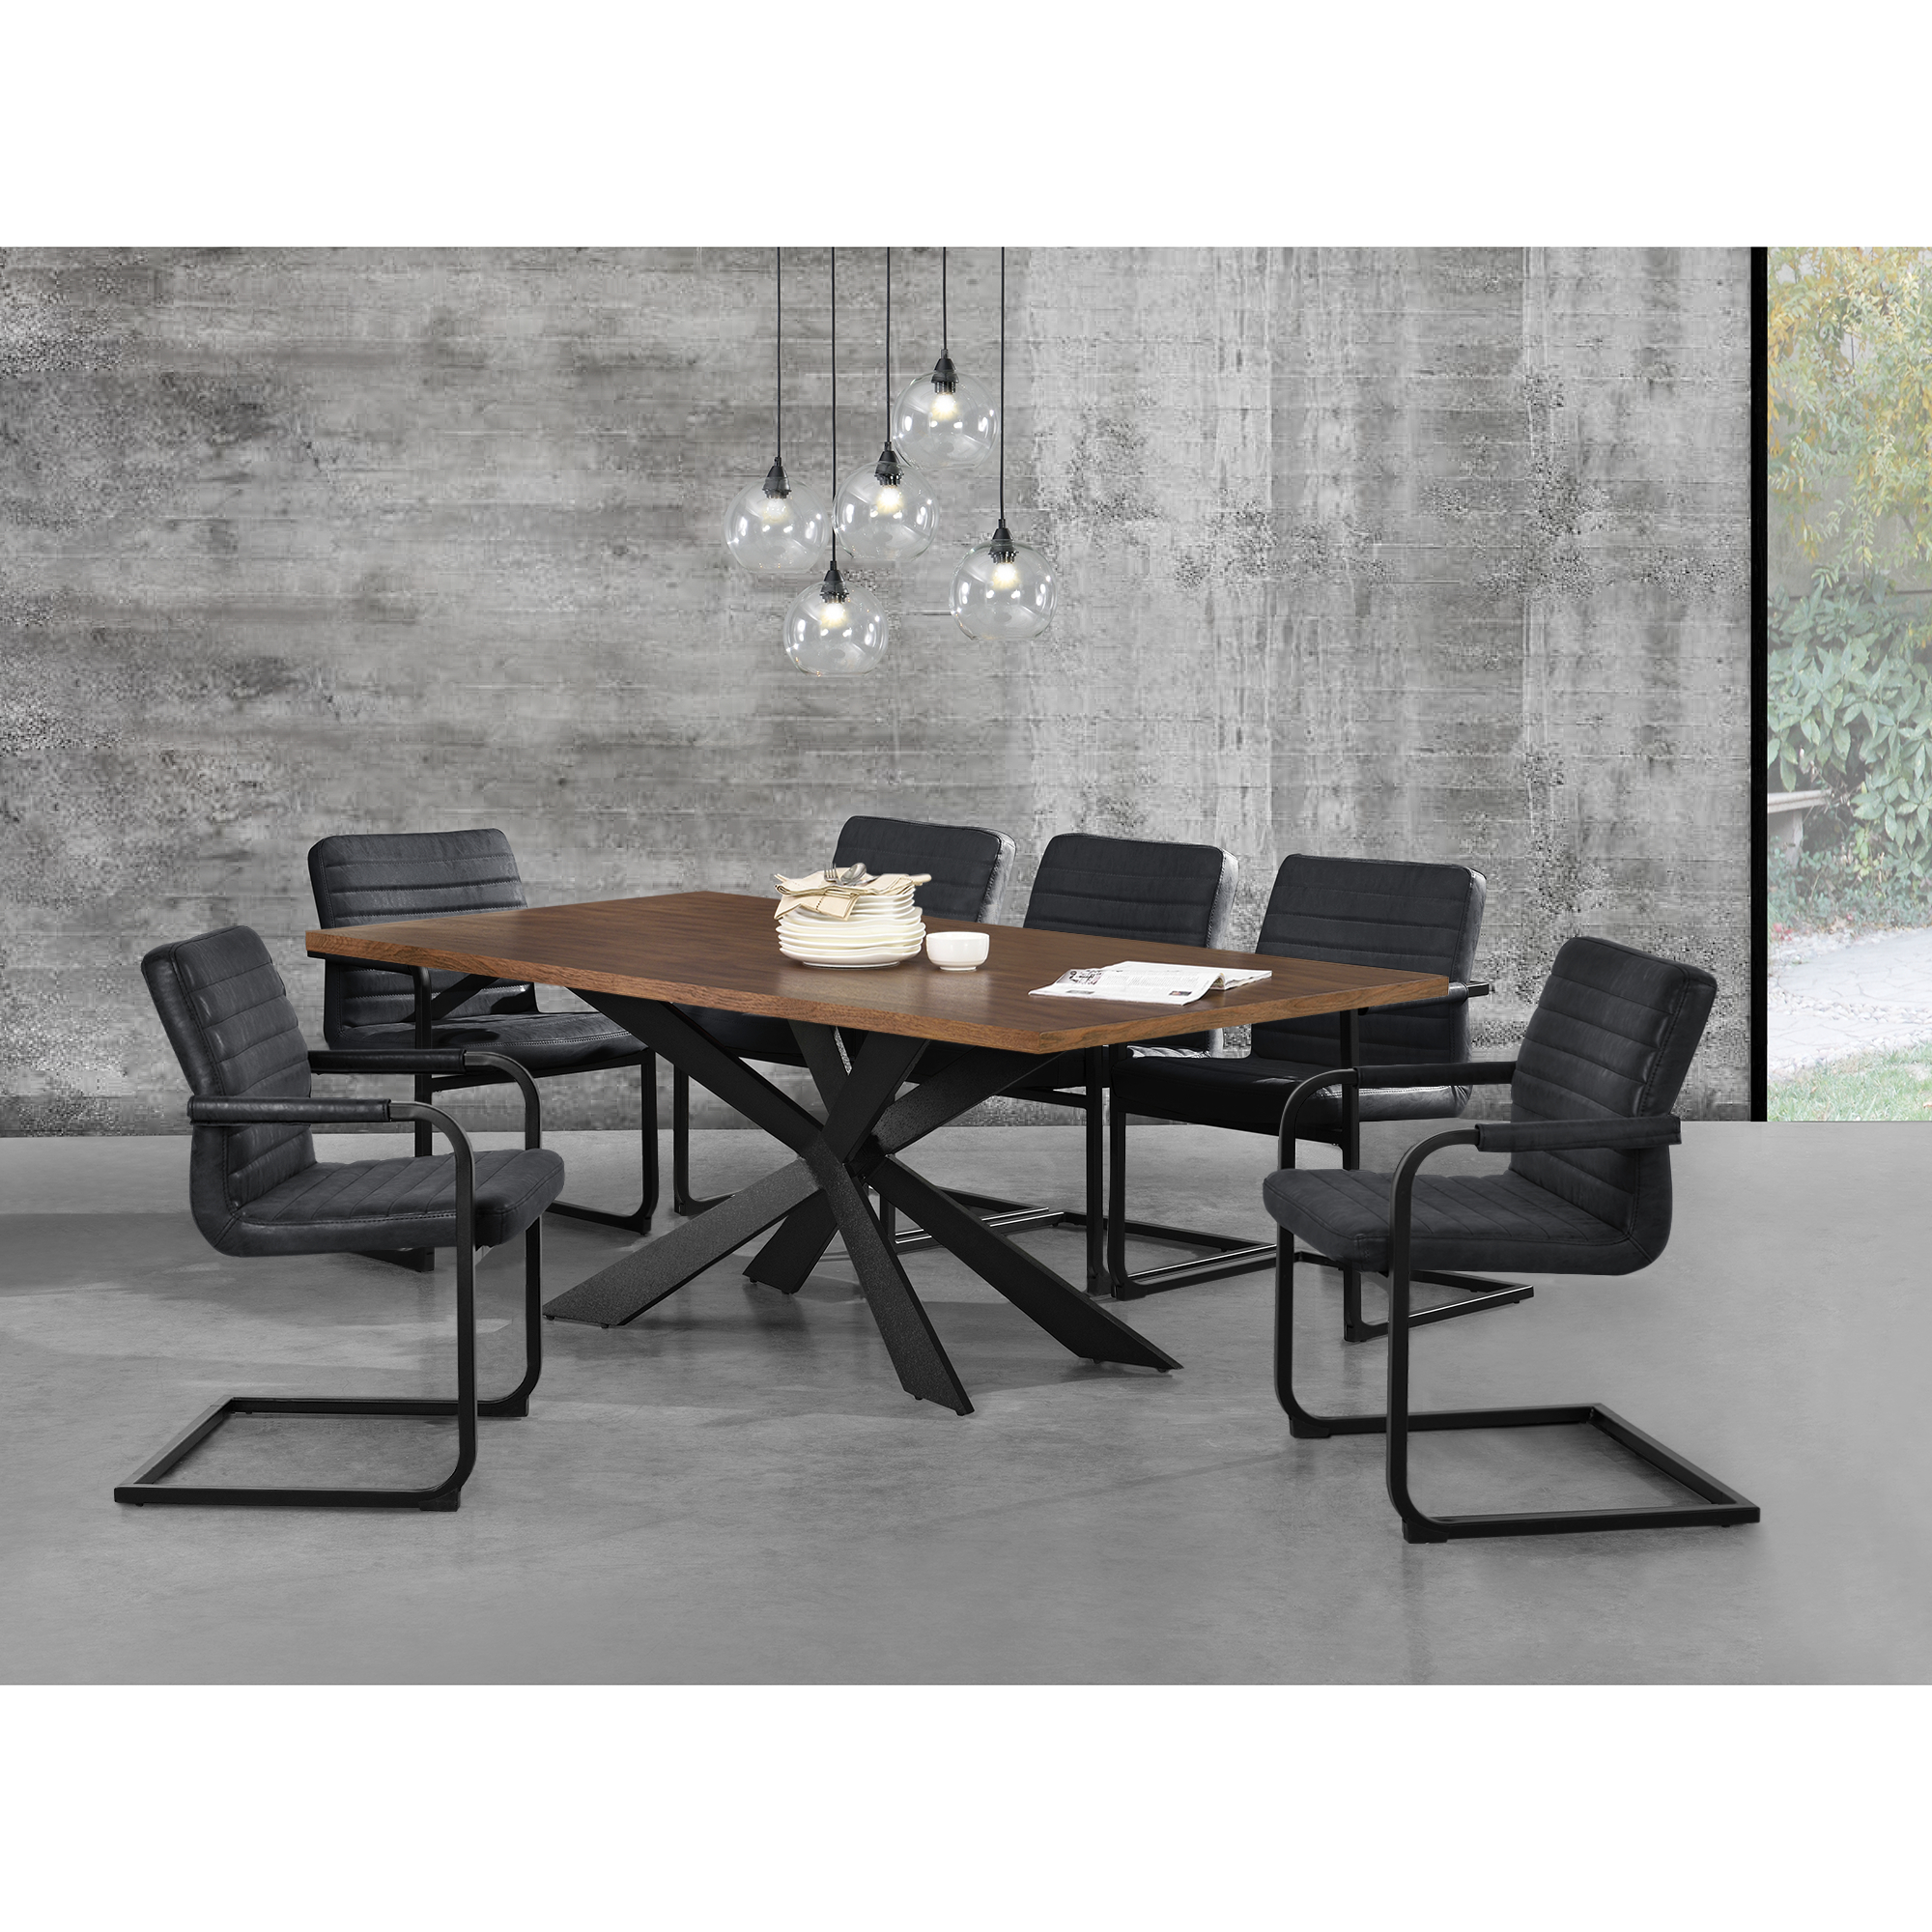 esstisch walnuss mit 6 st hlen 200x100 tisch st hle schwarz essgruppe ebay. Black Bedroom Furniture Sets. Home Design Ideas